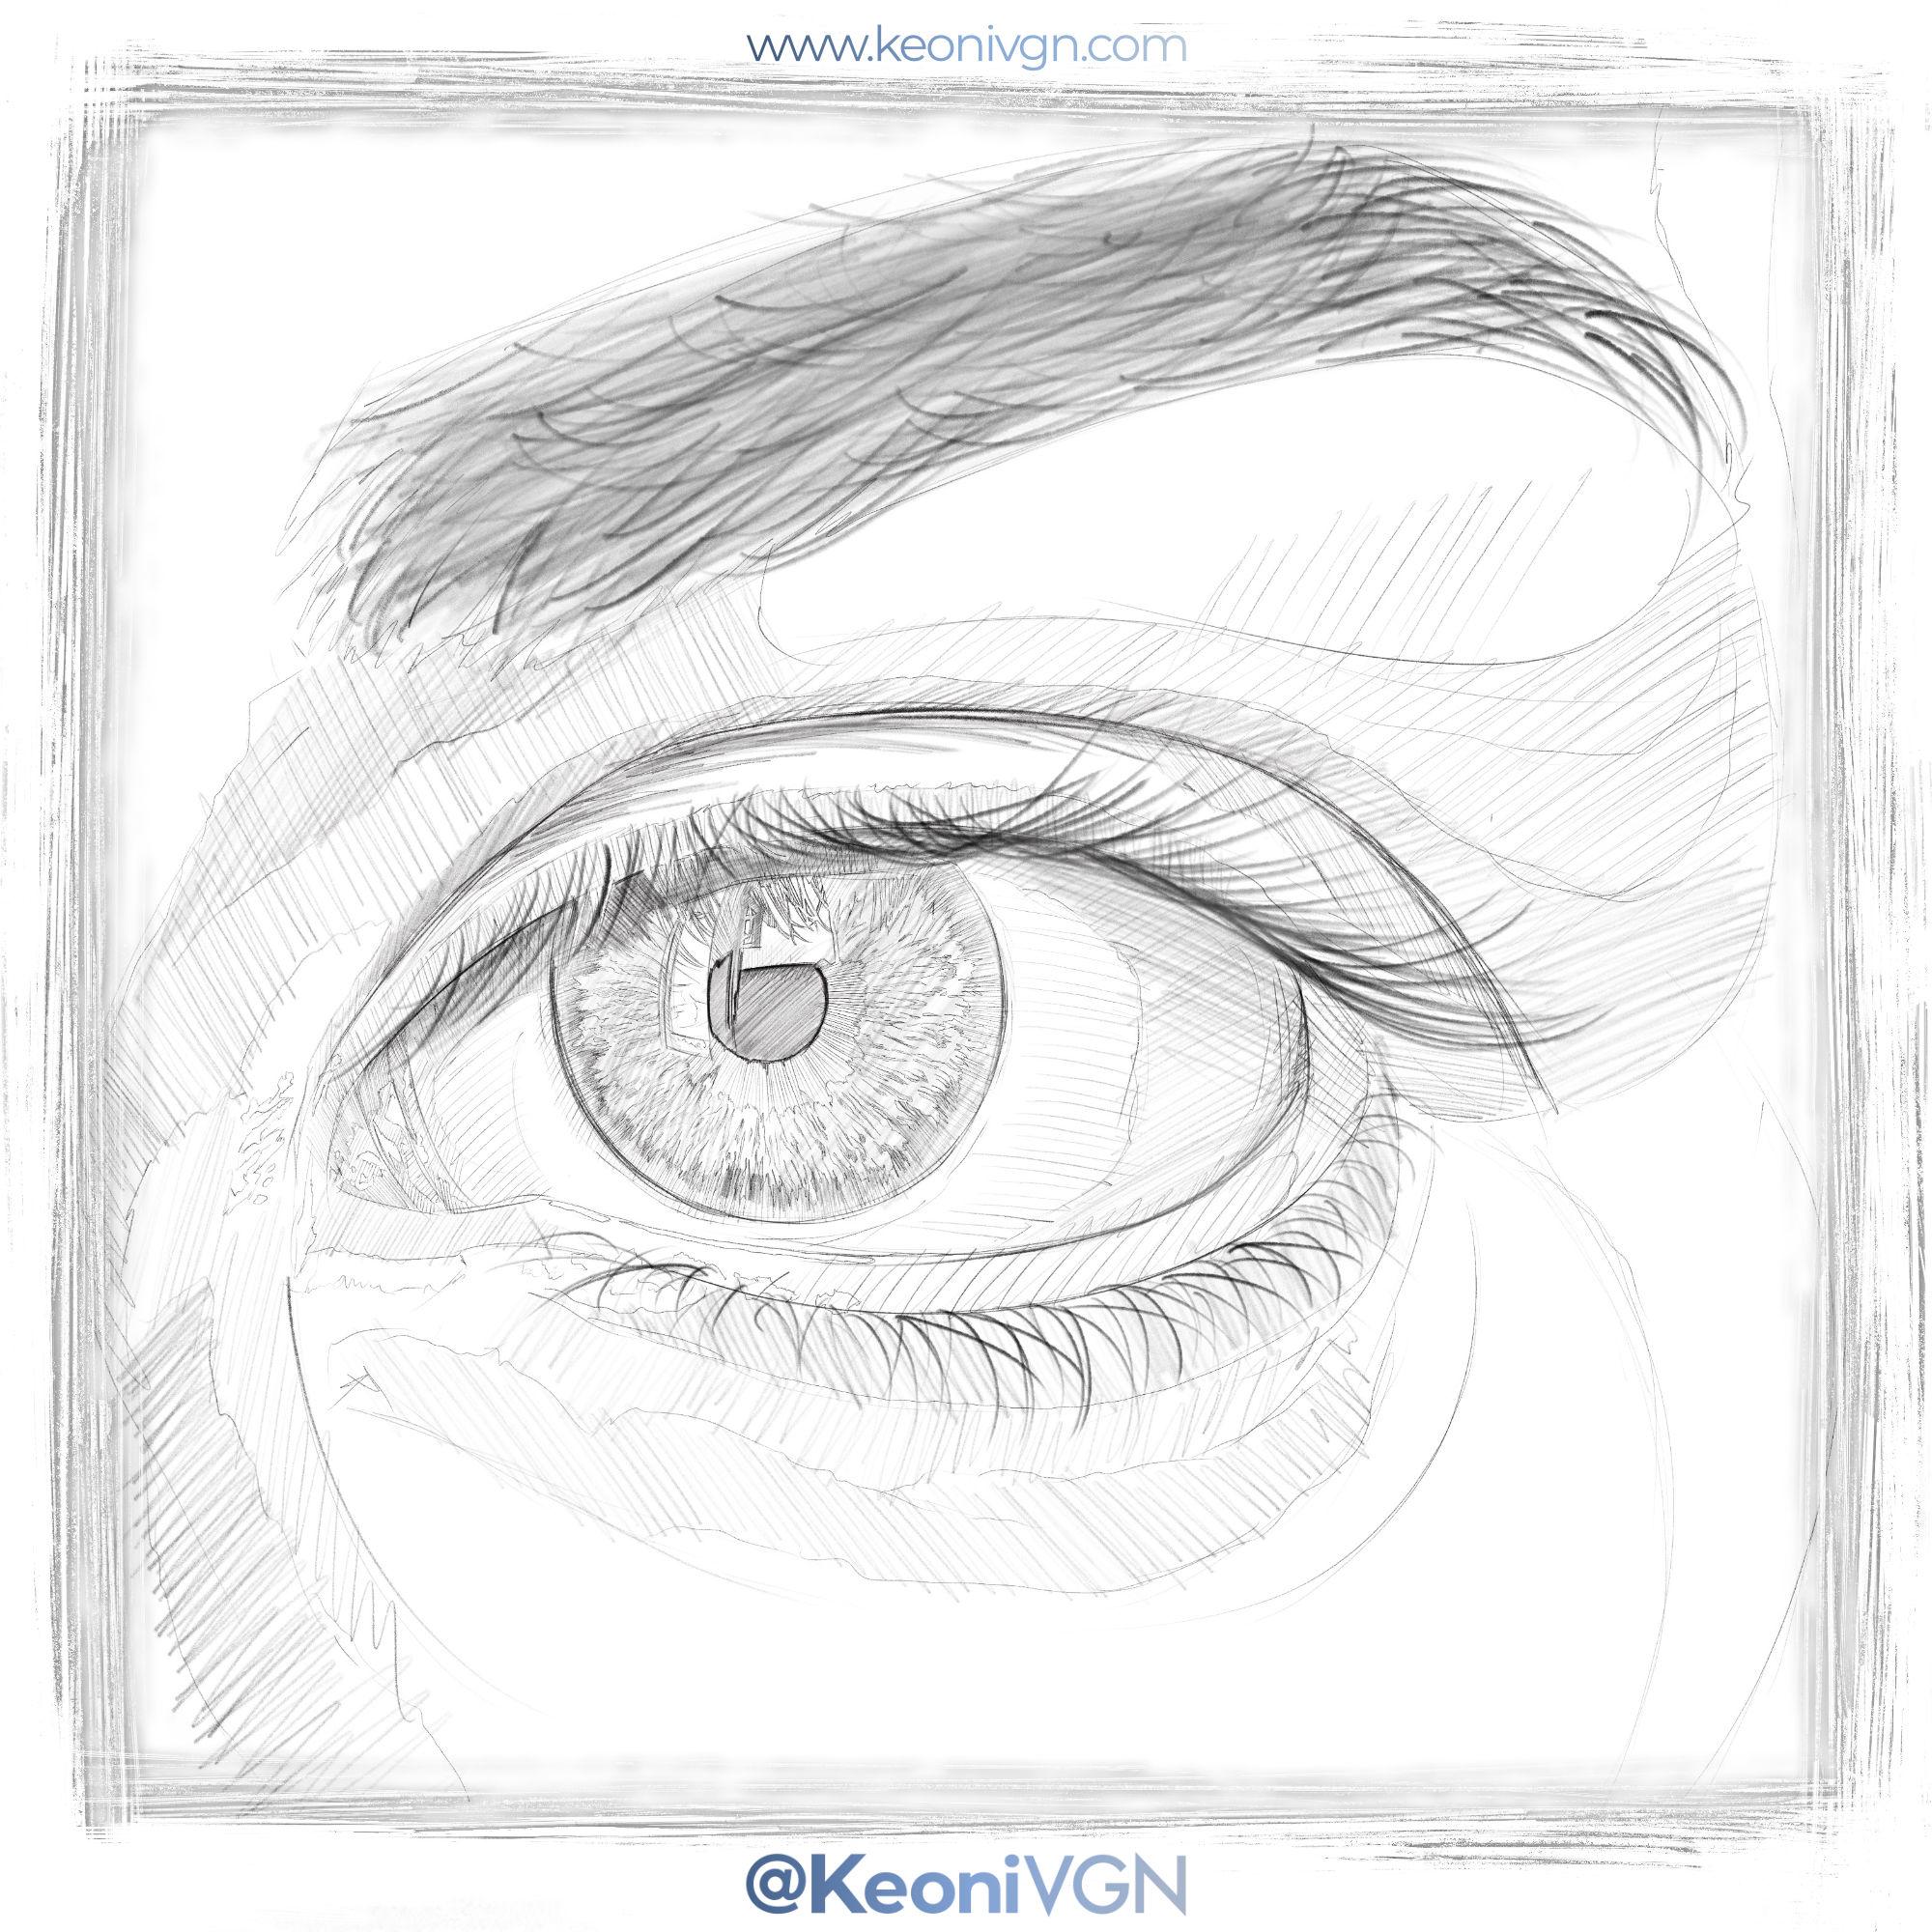 Ilustración - Eye Study